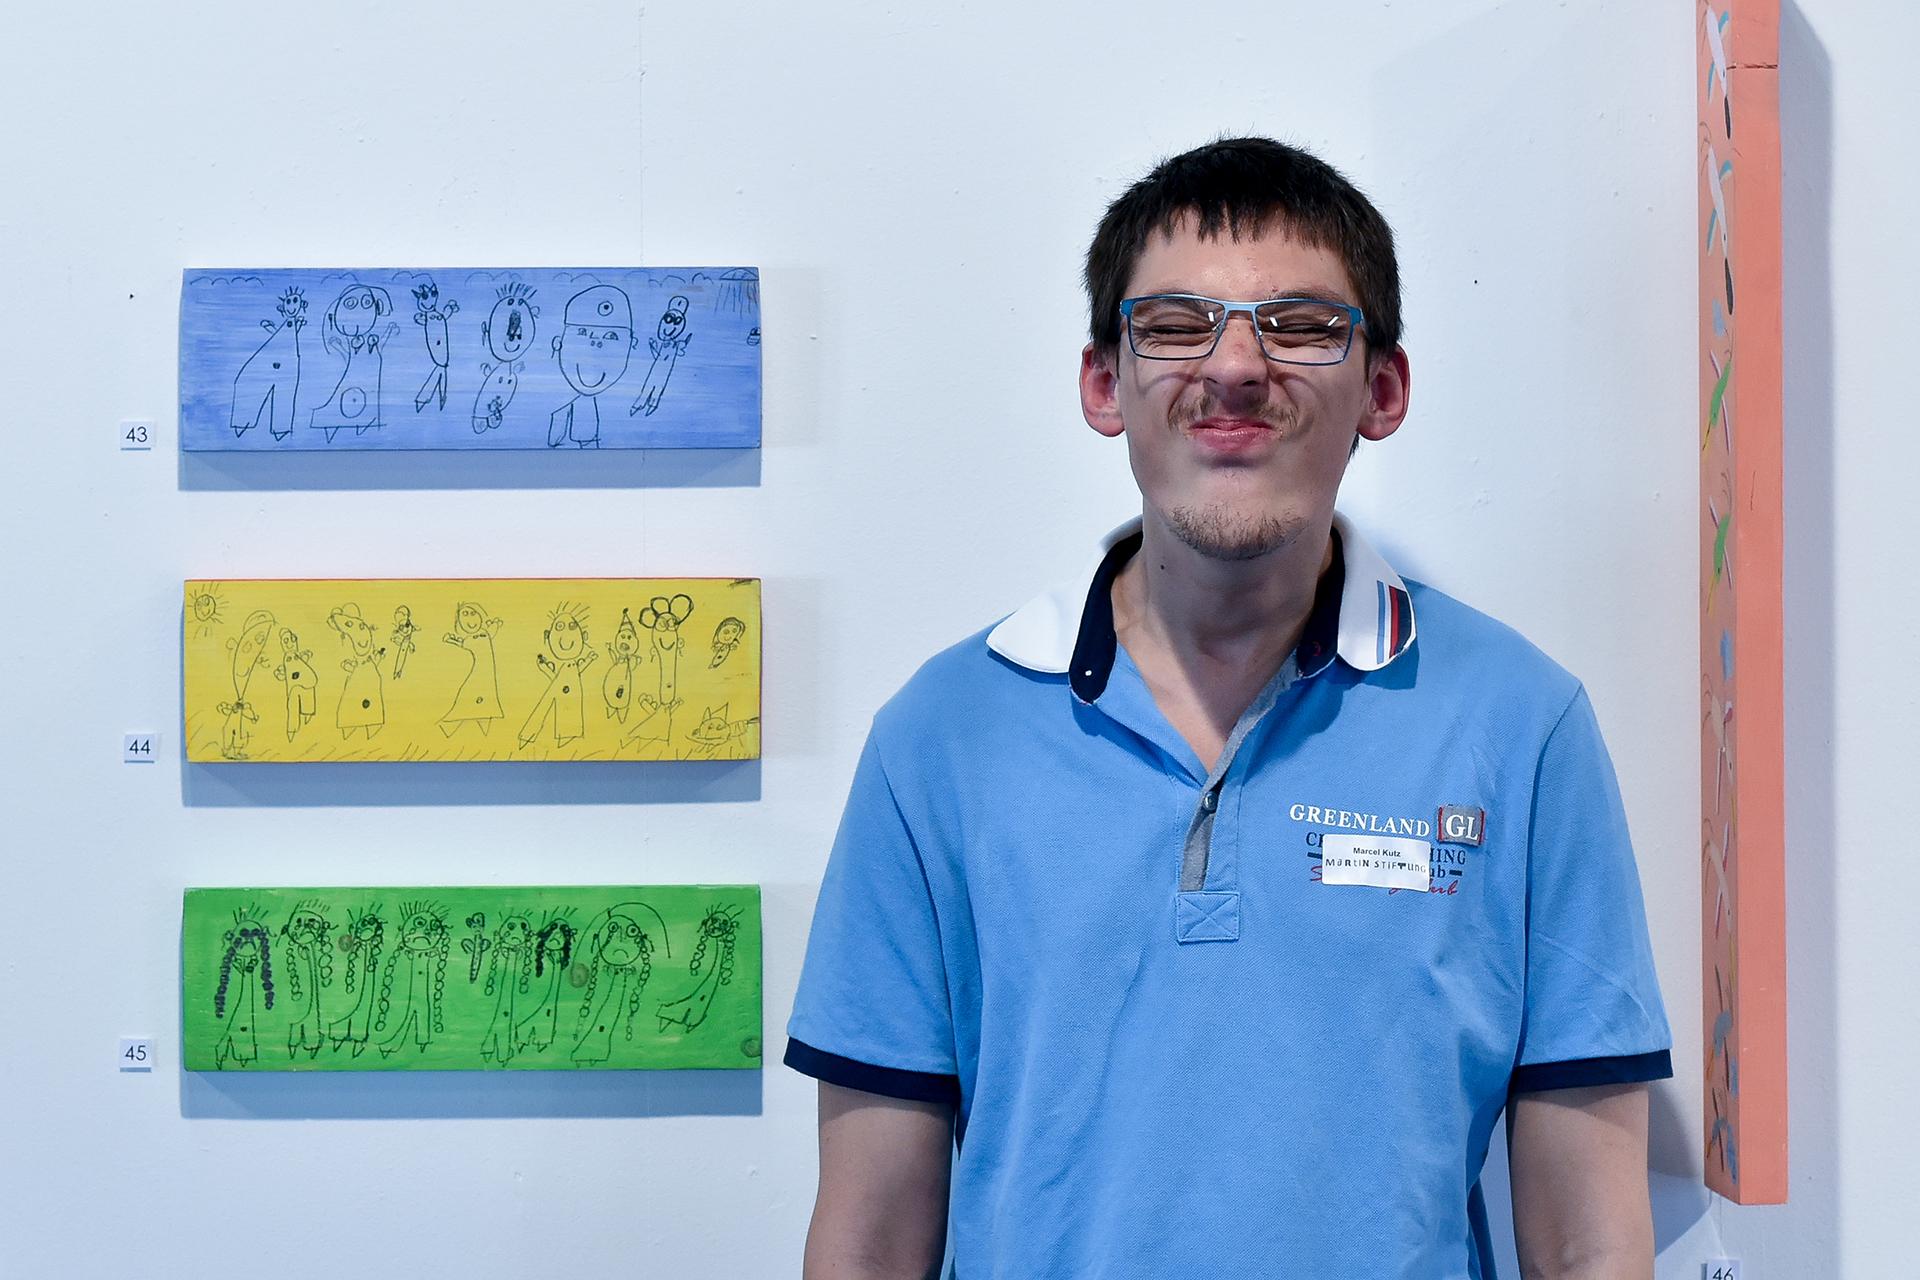 Bewohner der Martin Stiftung neben seinen drei Zeichnungen auf farbiges Holz.